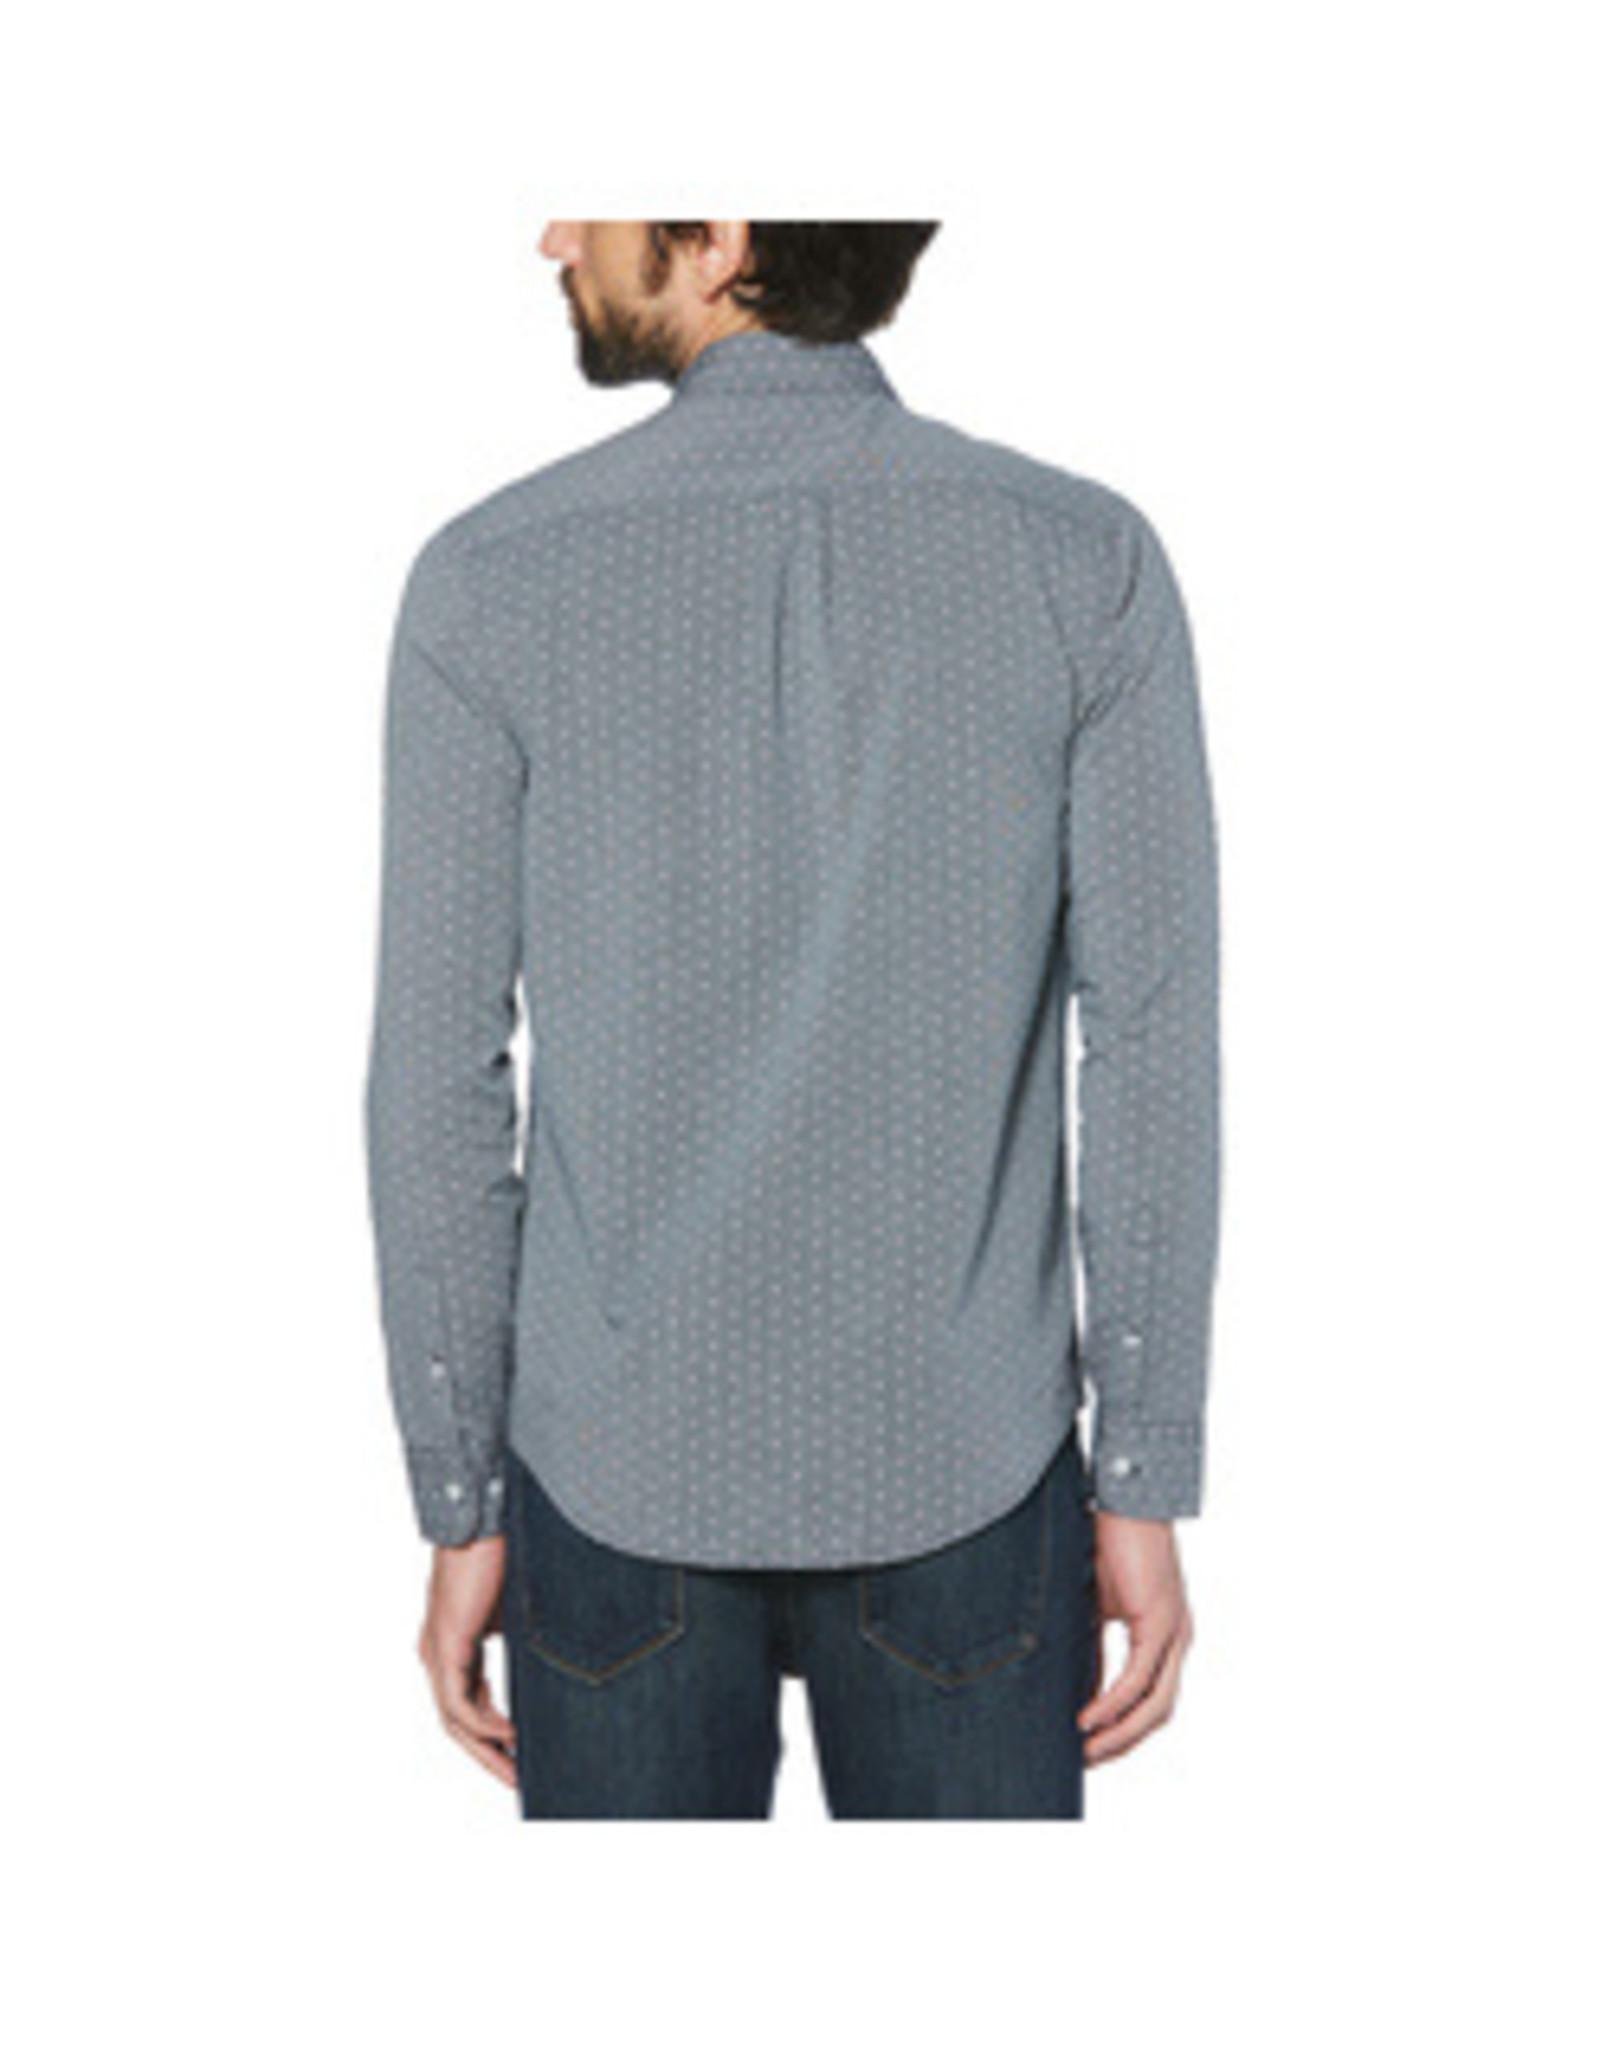 Original Penguin Grey polka dot shirt